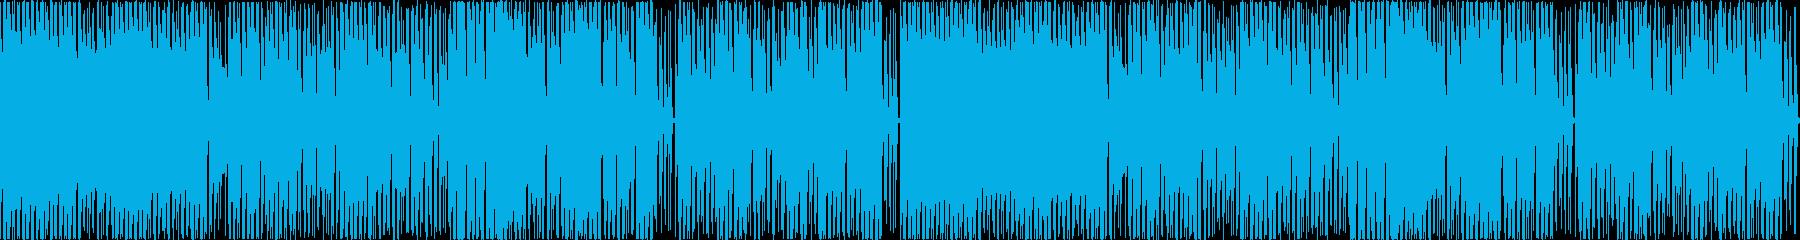 熱血硬派な本気のファミコンBGM 劇伴の再生済みの波形